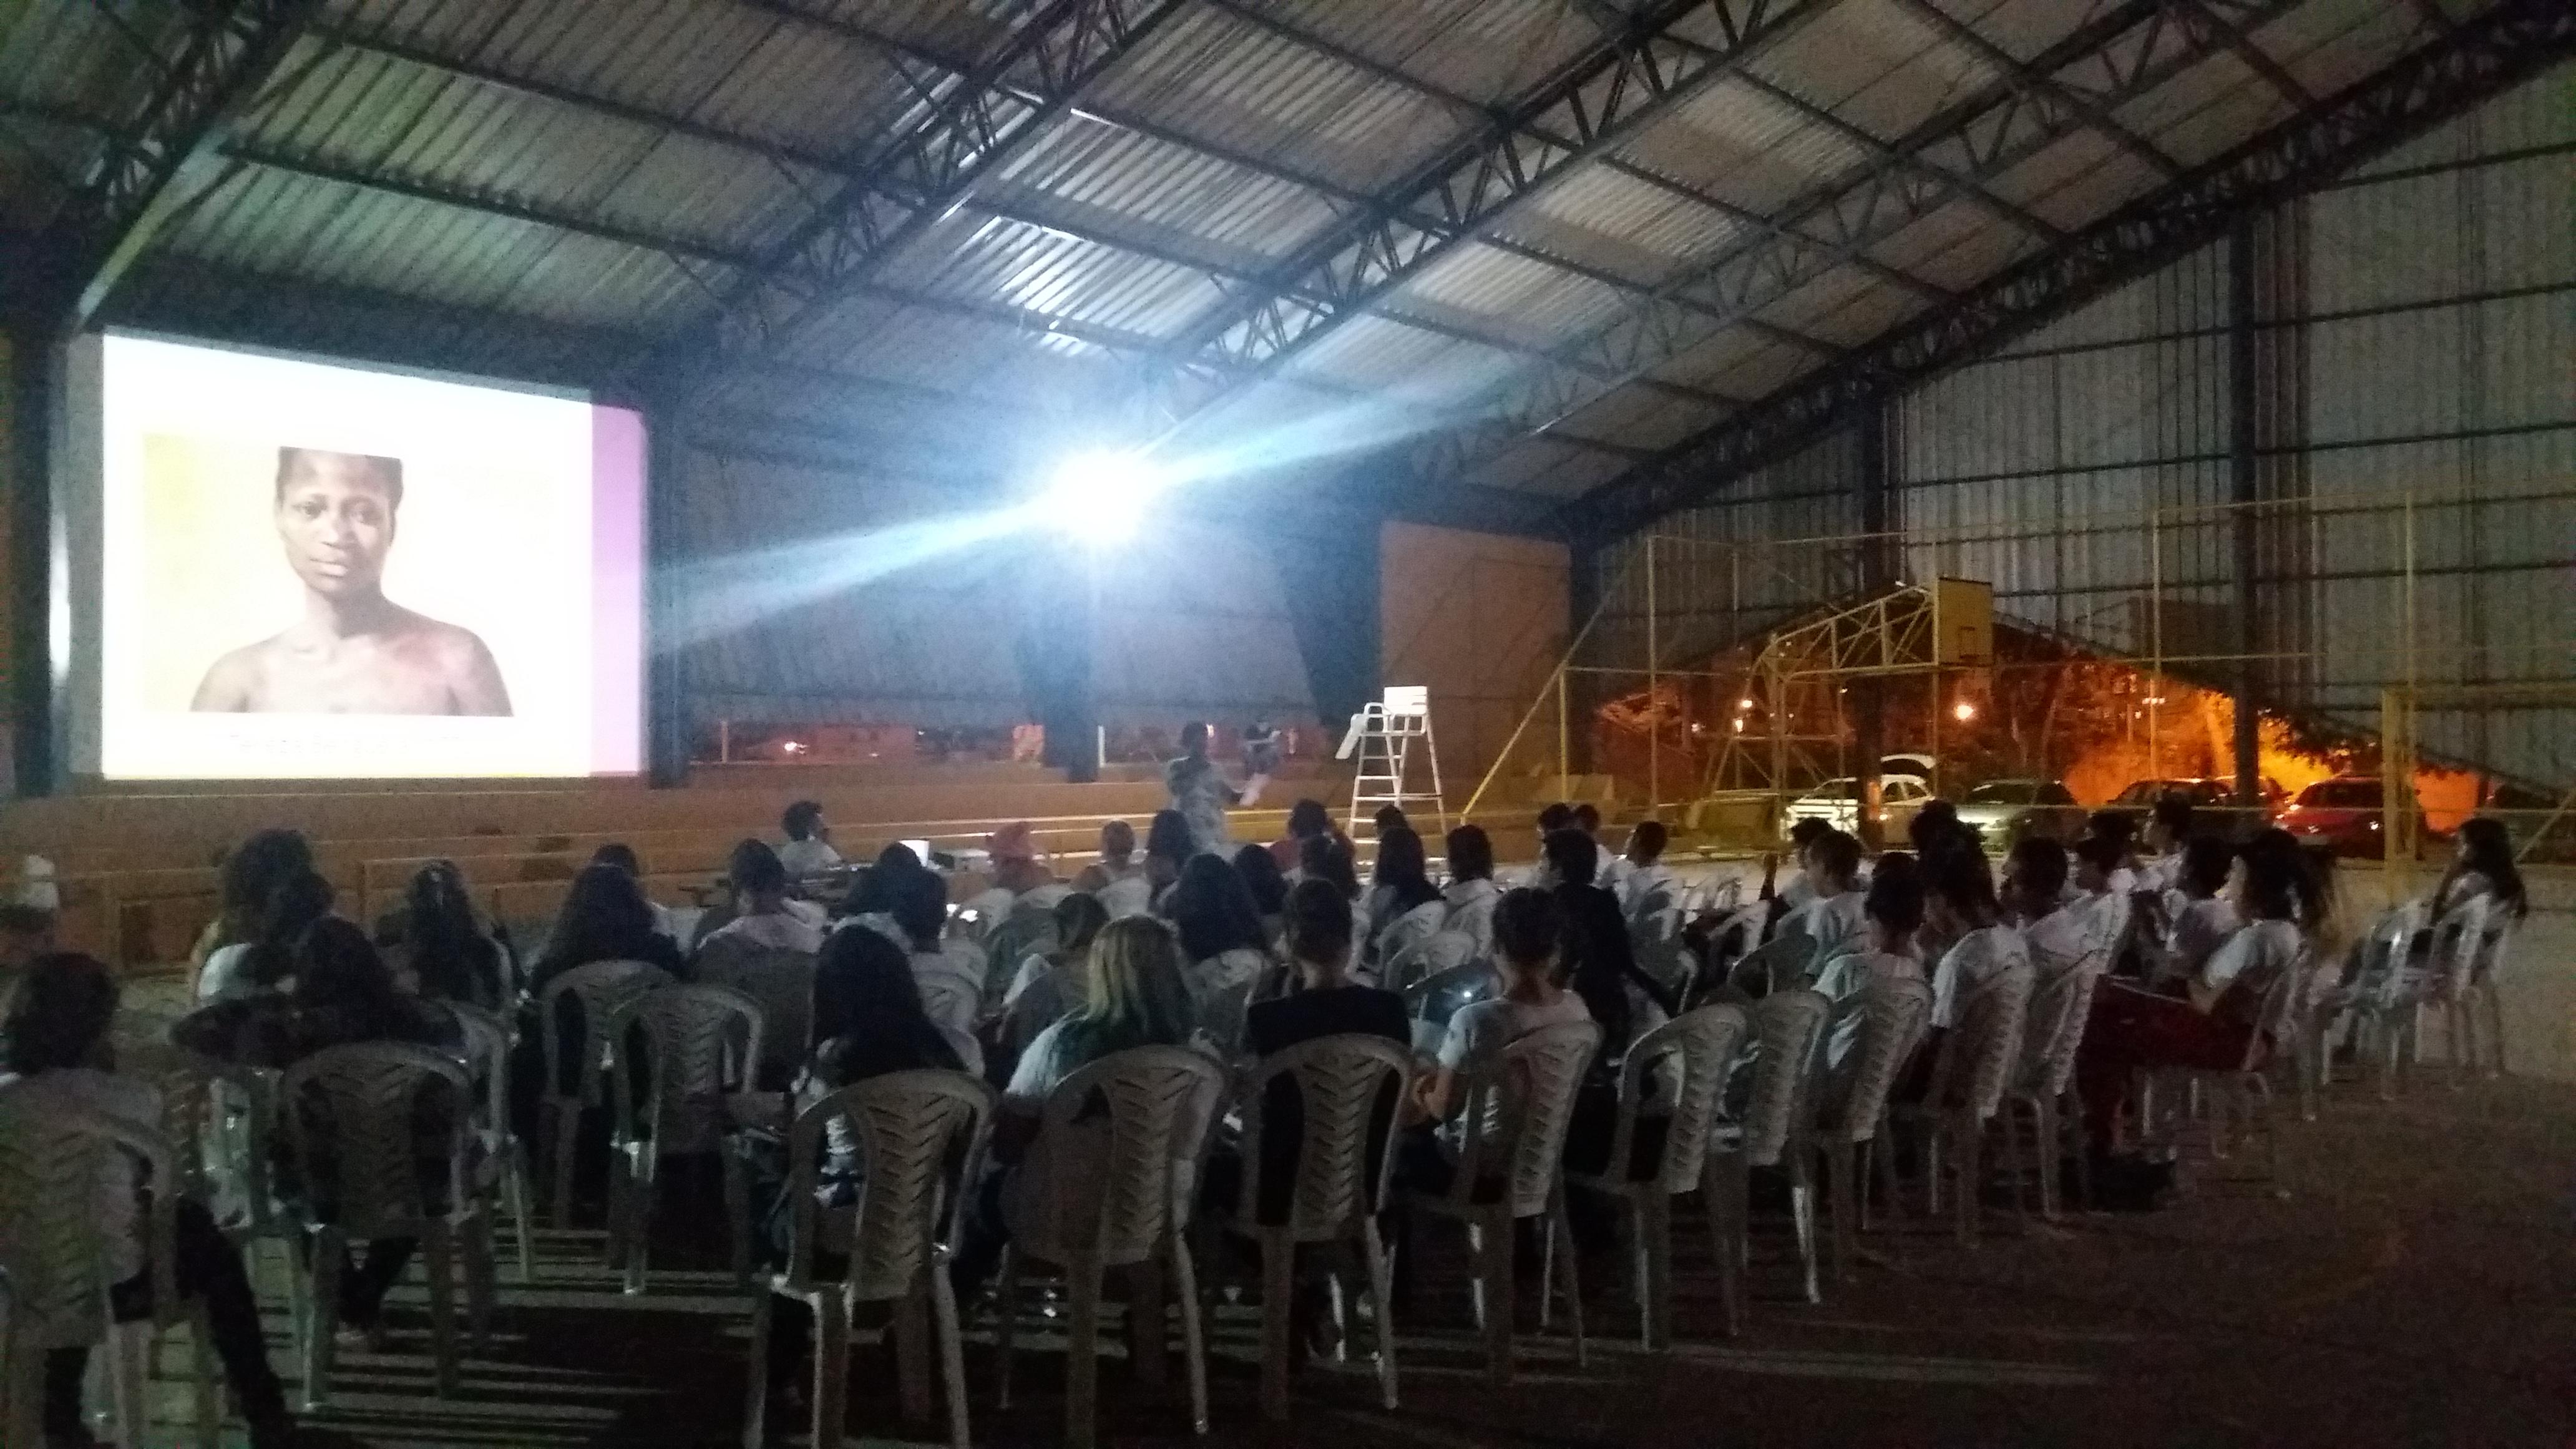 Realizado, em 2016, o Projeto Papo Reto, com rodas de conversas sobre a temática étnico-racial, com o foco na sensibilização sobre igualdade racial e enfrentamento ao racismo. O projeto teve nove edições, nas seguintes instituições:  <ul>     <li>Centro de Ensino Médio 414 - Samambaia </li> </ul><ul>     <li>Centro de Ensino Médio 111 - Recanto das Emas </li> </ul><ul>     <li>Instituto Federal de Brasília - Campus Brasília </li> </ul><ul>     <li>Centro de Ensino Médio 01 - Paranoá </li> </ul><ul>     <li>Centro de Ensino Fundamental 18 - Ceilândia </li> </ul><ul>     <li>Centro de Ensino Médio 02 - Planaltina </li> </ul><ul>     <li>Unidade de Internação em São Sebastião </li> </ul><ul>     <li>Centro Educacional - Lago Sul </li> </ul><ul>     <li>Unidade de Atendimento em Meio Aberto - Paranoá</li> </ul> Esta ação obteve o número total de 571 participantes.